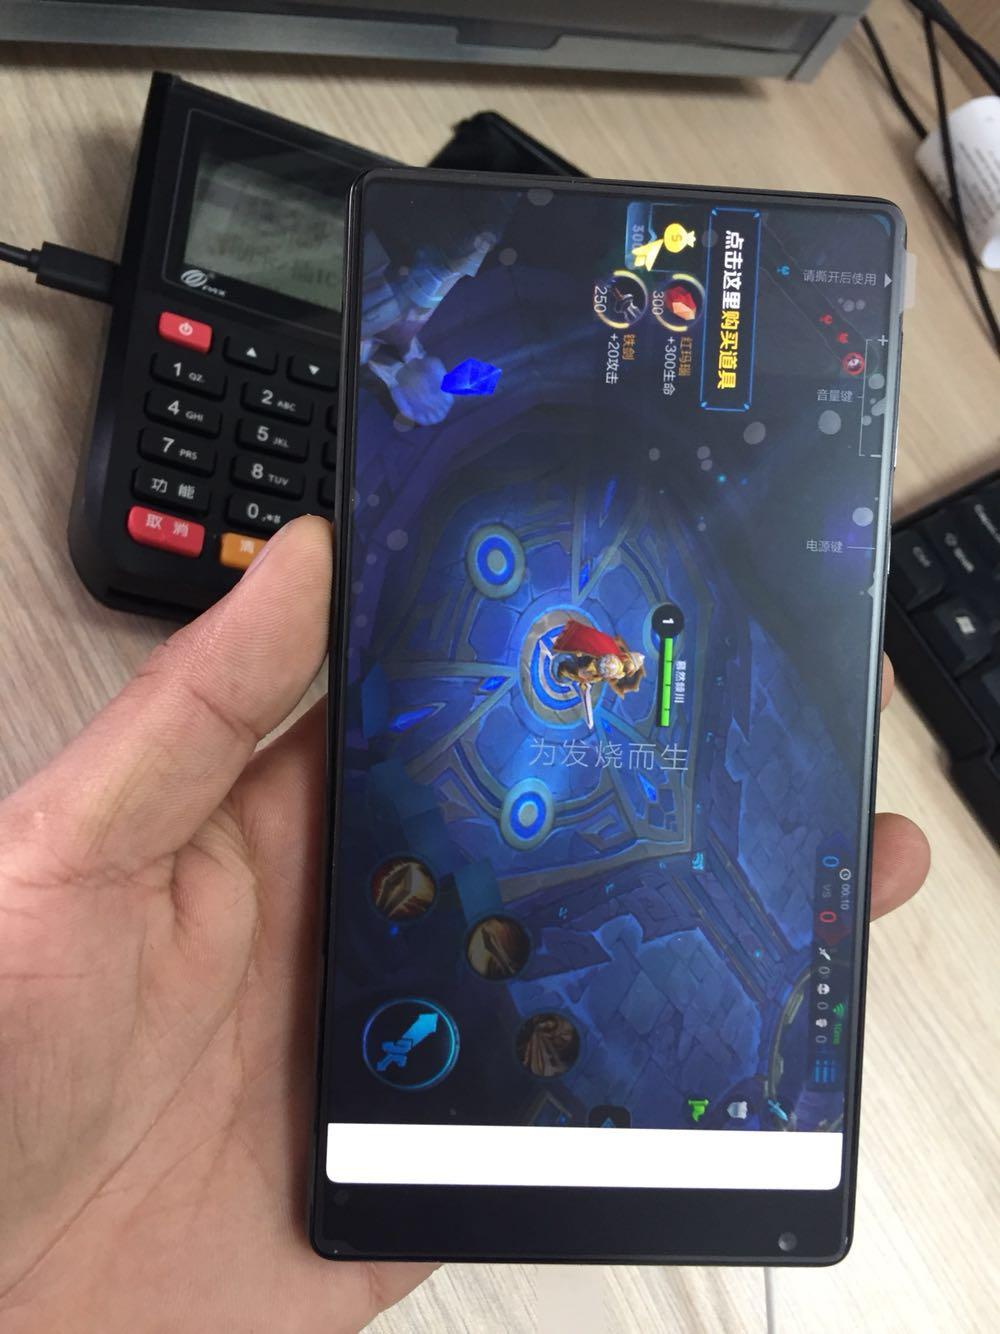 手机 小米手机 小米mix(全网通) 点评图片